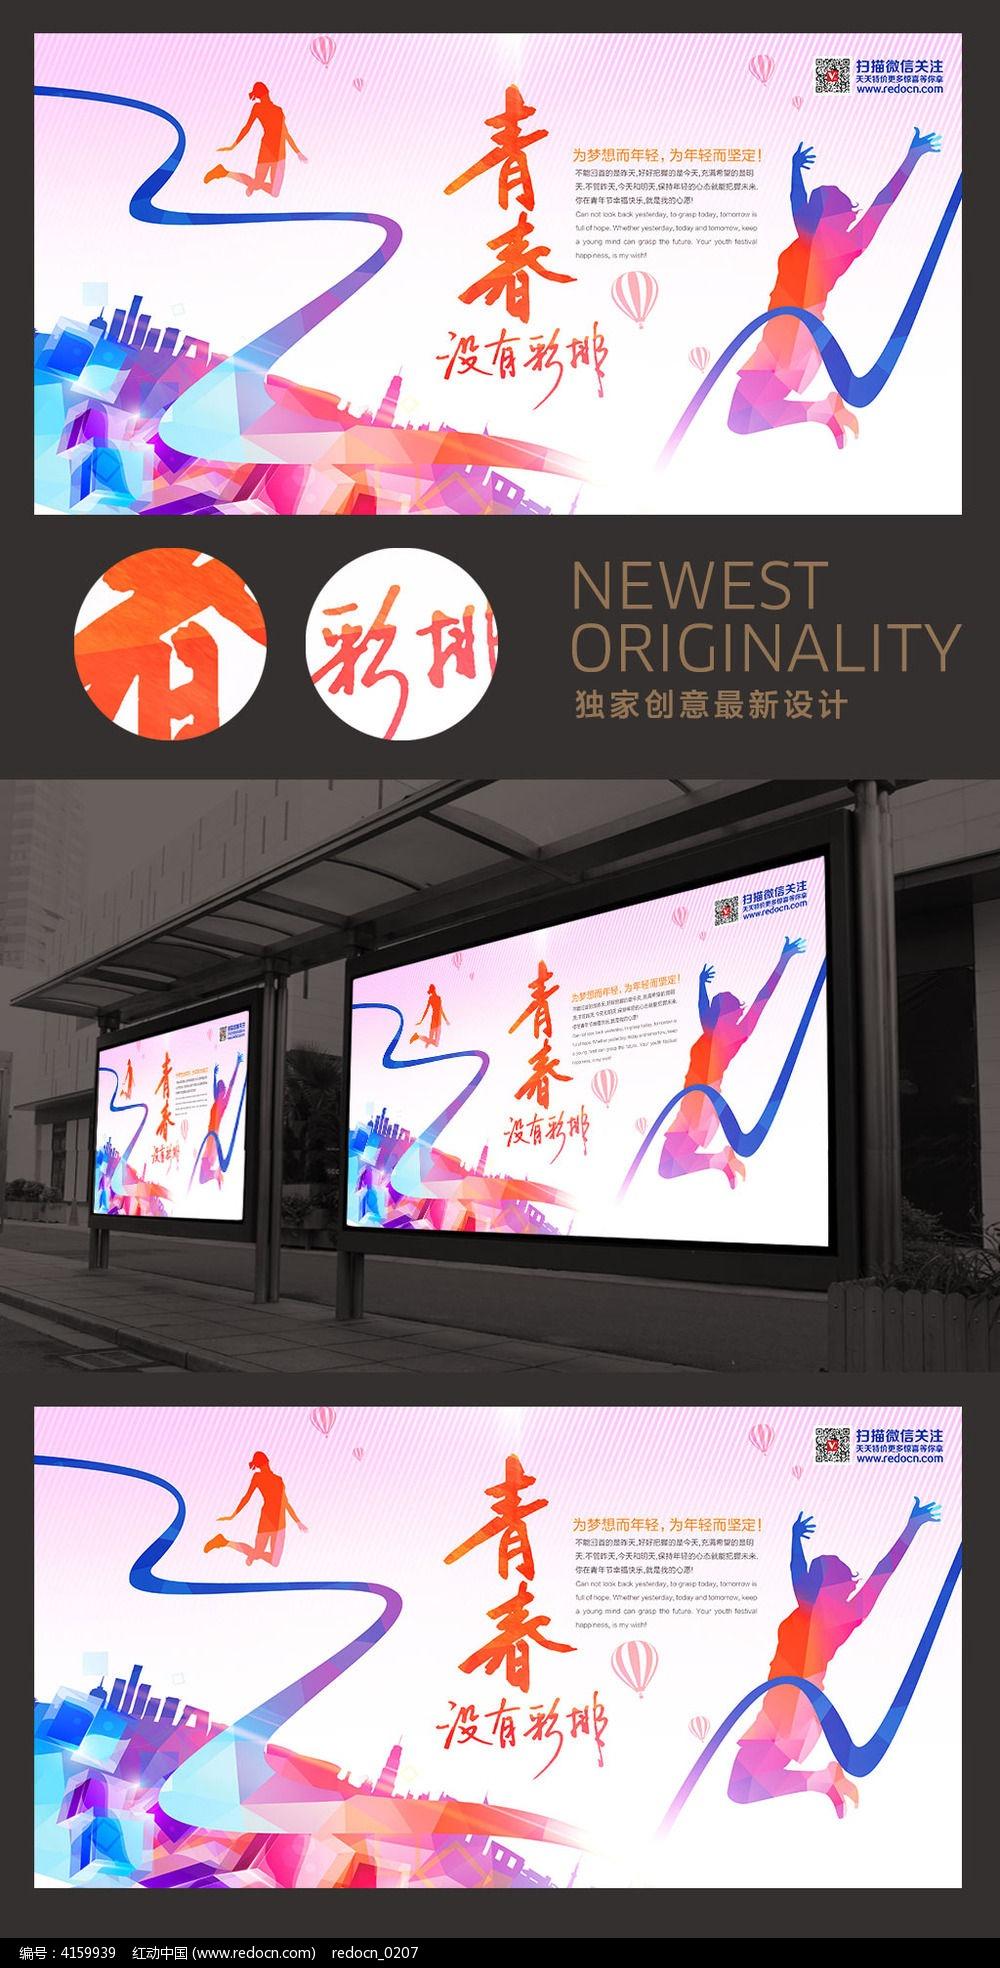 青春没有彩排五四青年节创意海报设计图片